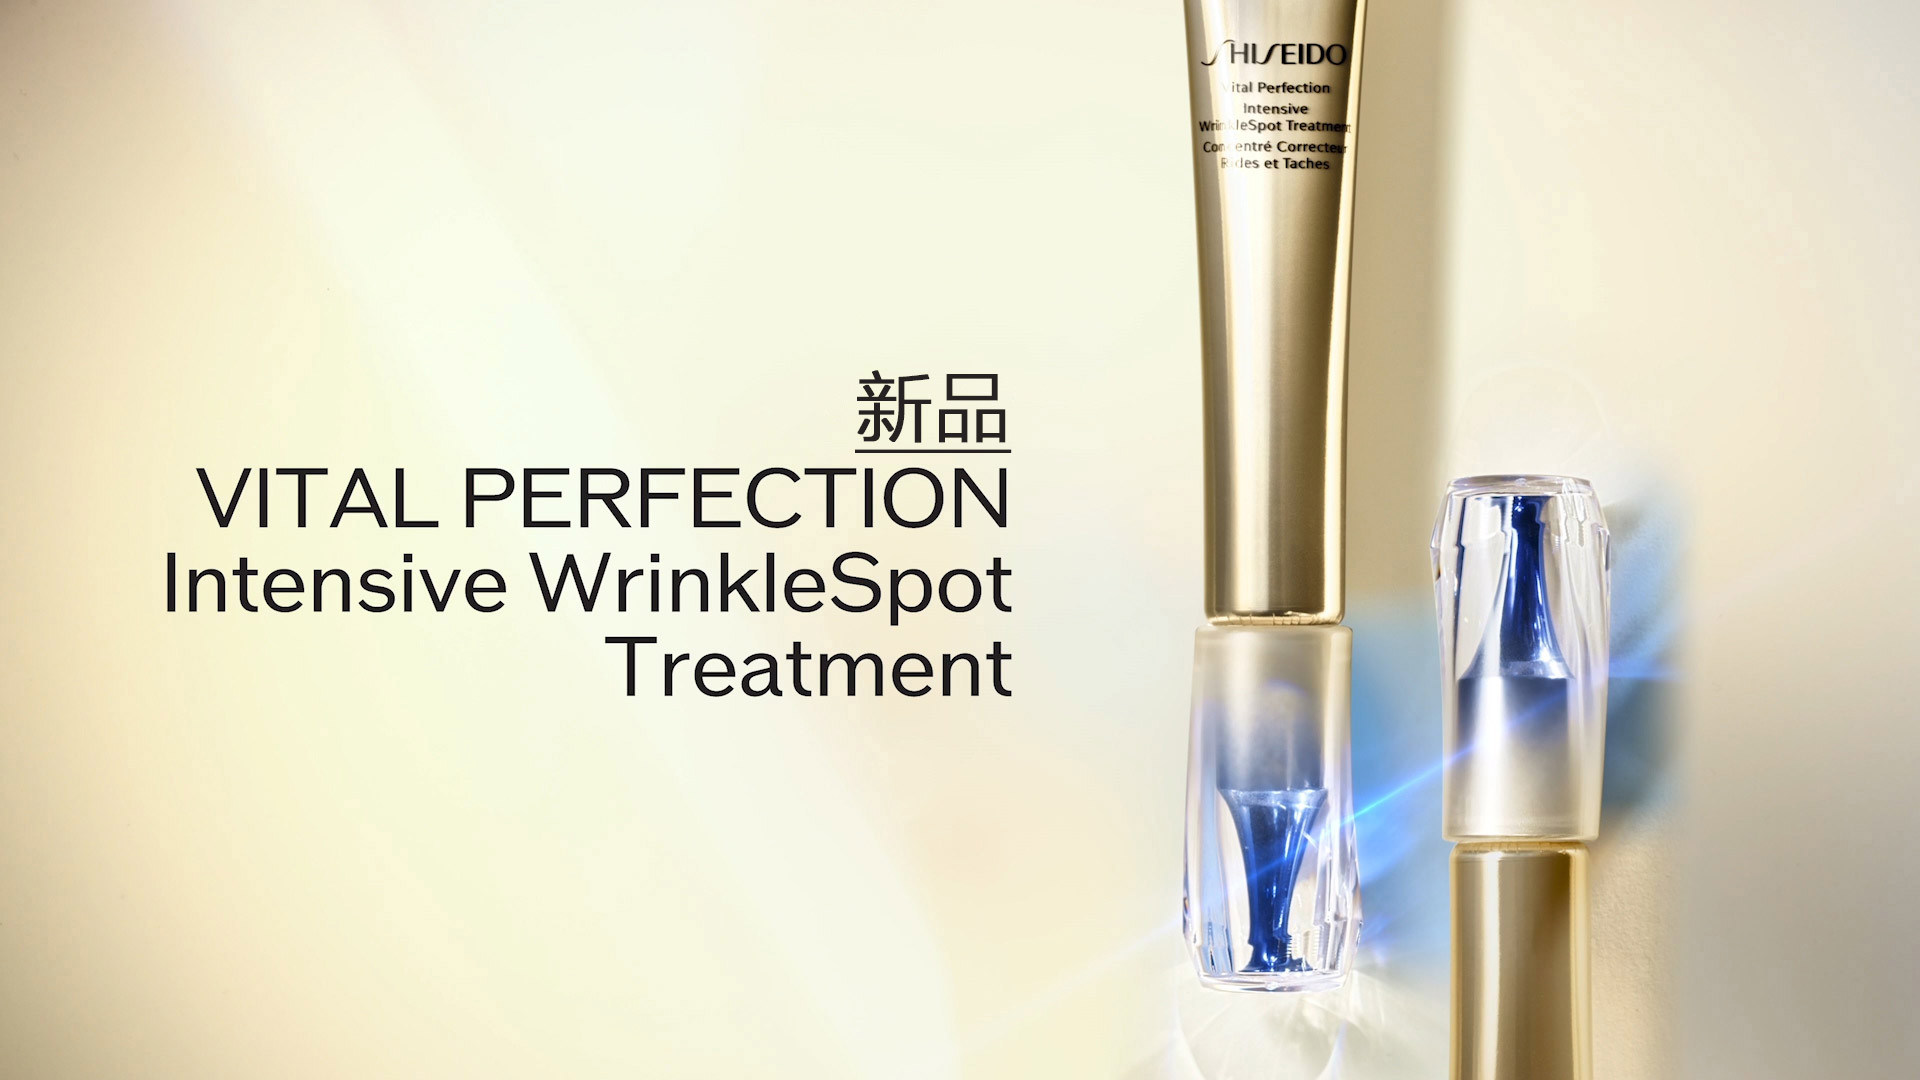 新品Vital Perfection Intensive WrinkleSpot Treatment